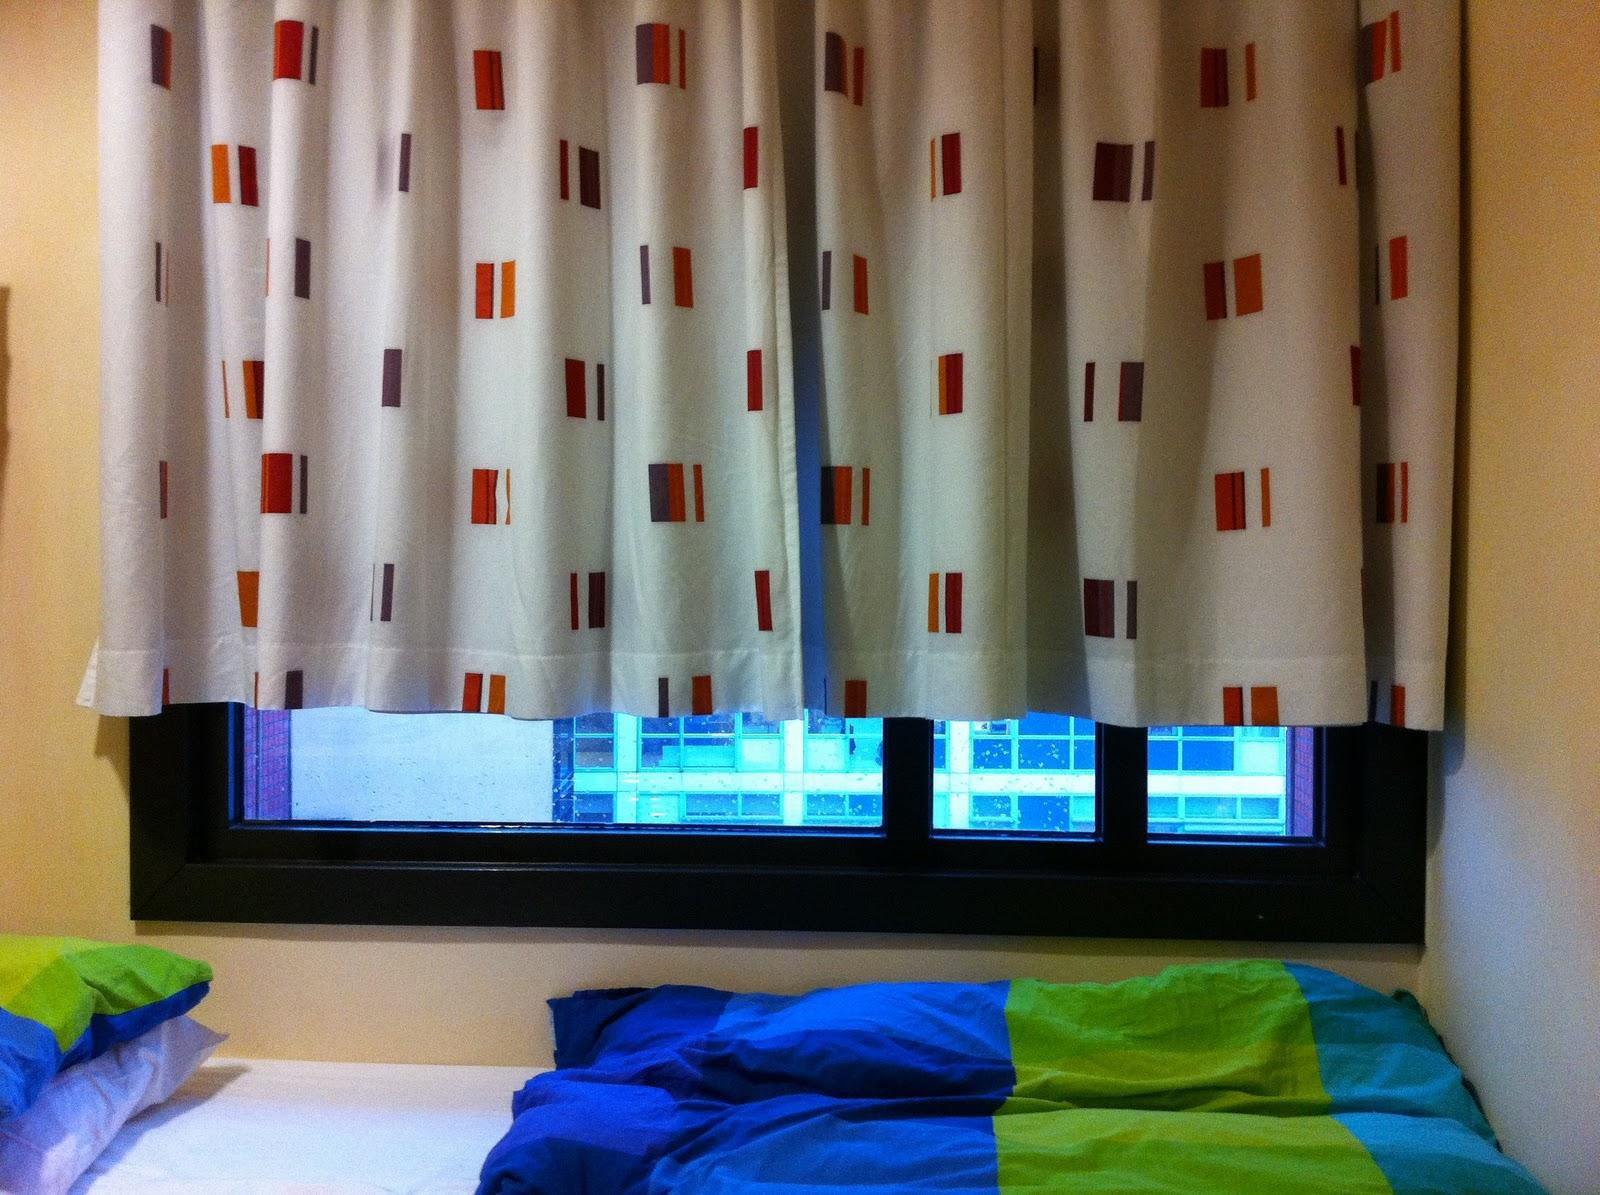 Stunning Gordijnen Te Kort Images - Ideeën Voor Thuis - ibarakijets.org